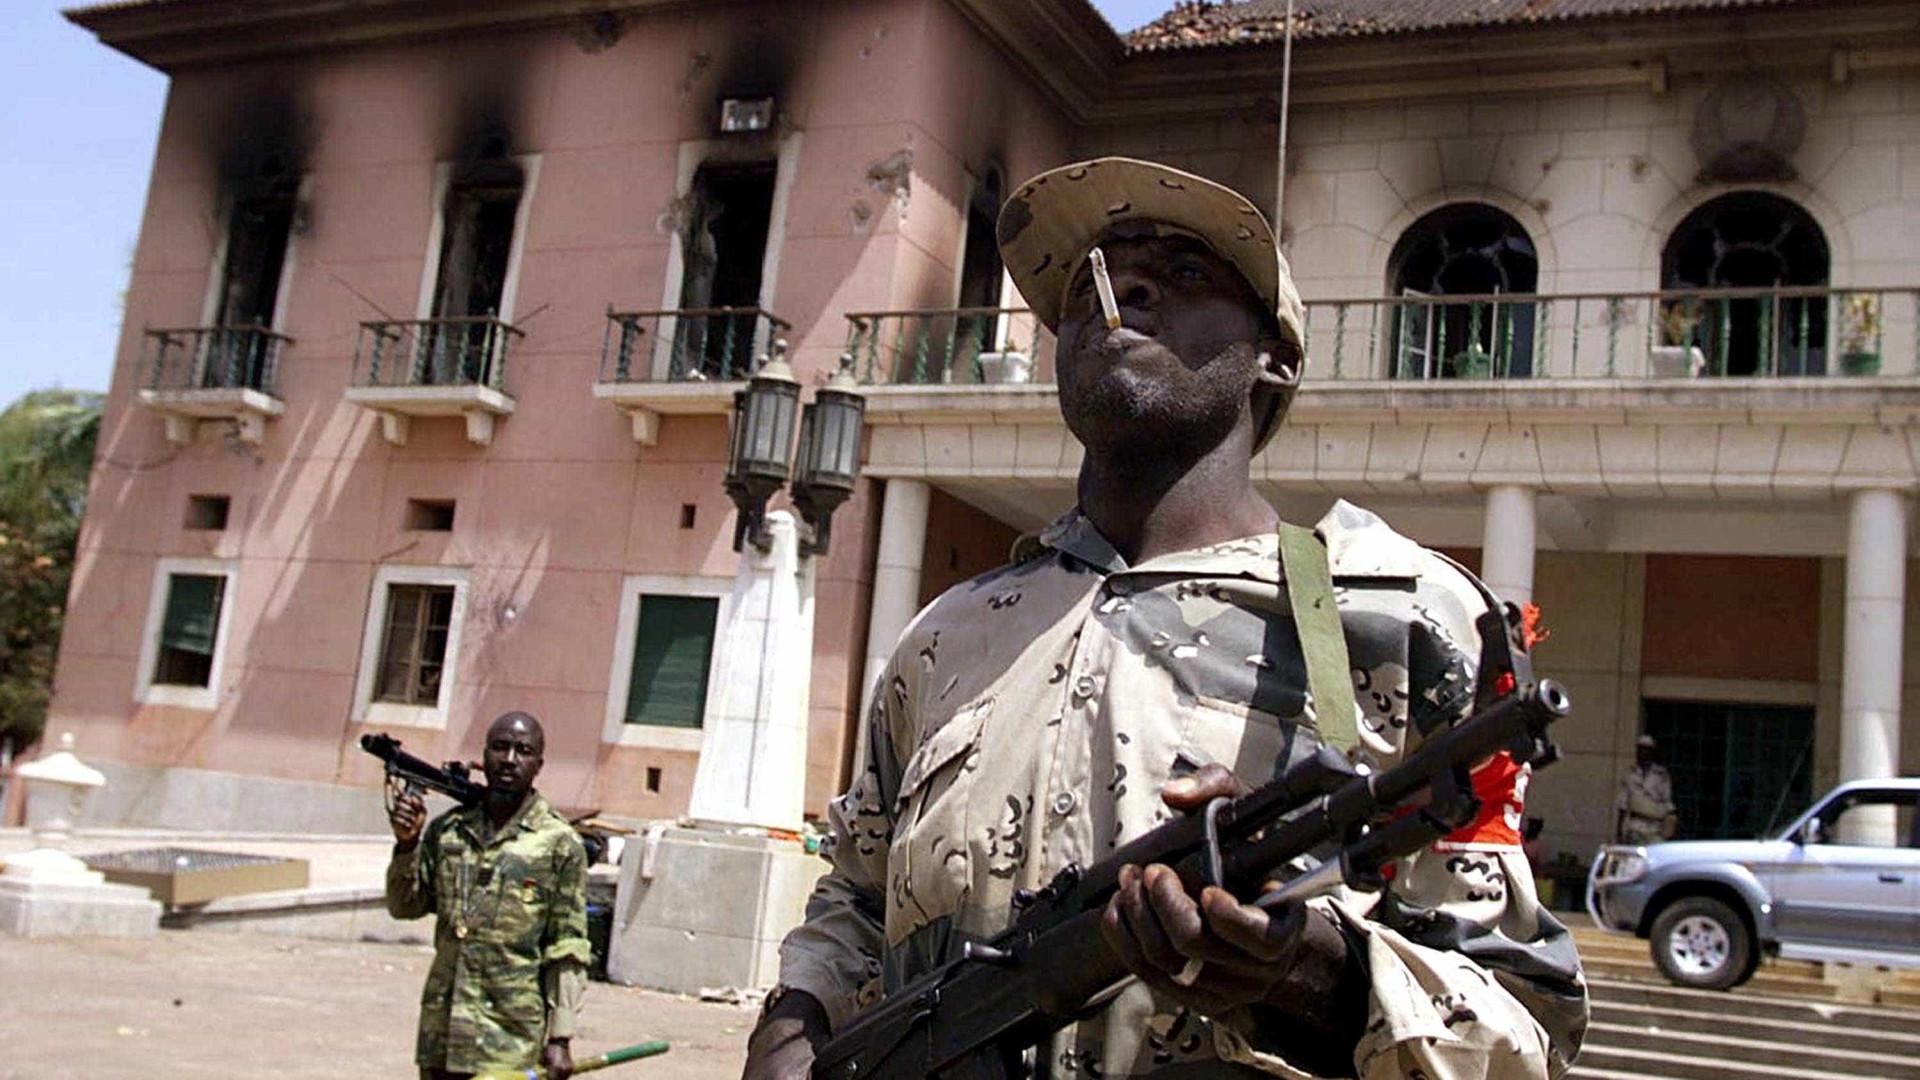 Veterano ouvido para esclarecer afirmações sobre golpe de Estado